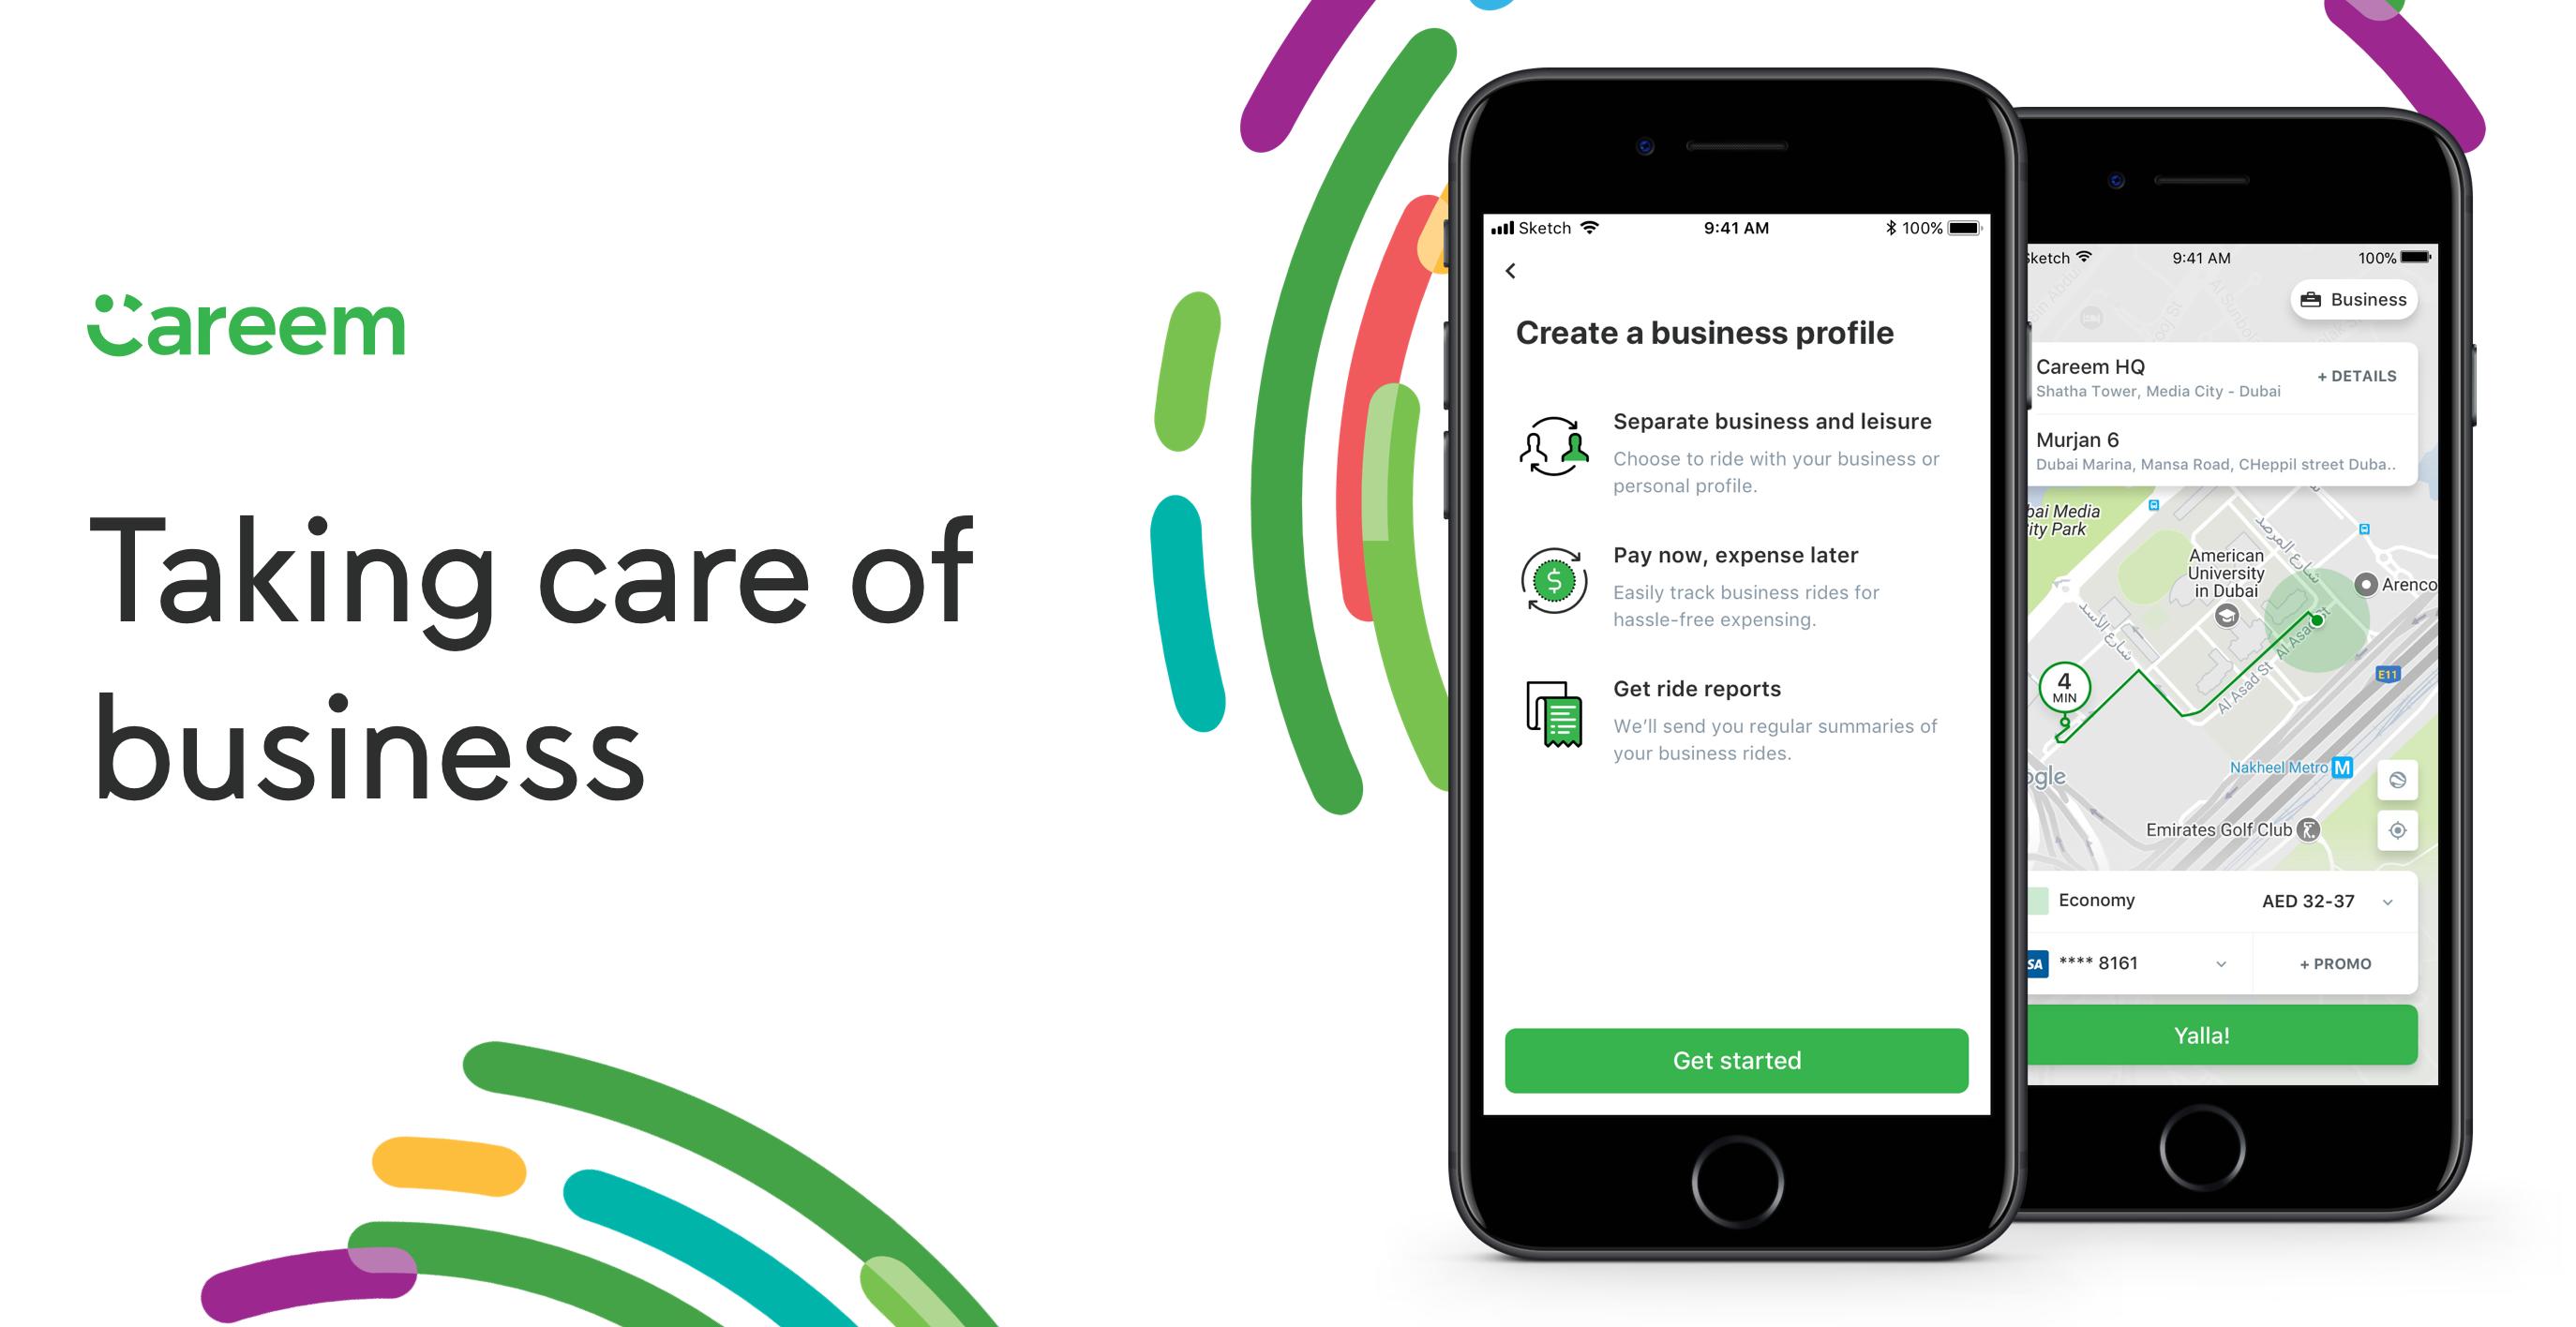 خدمة التوصيل كريم تدعم الآن إنشاء حساب خاص للأعمال